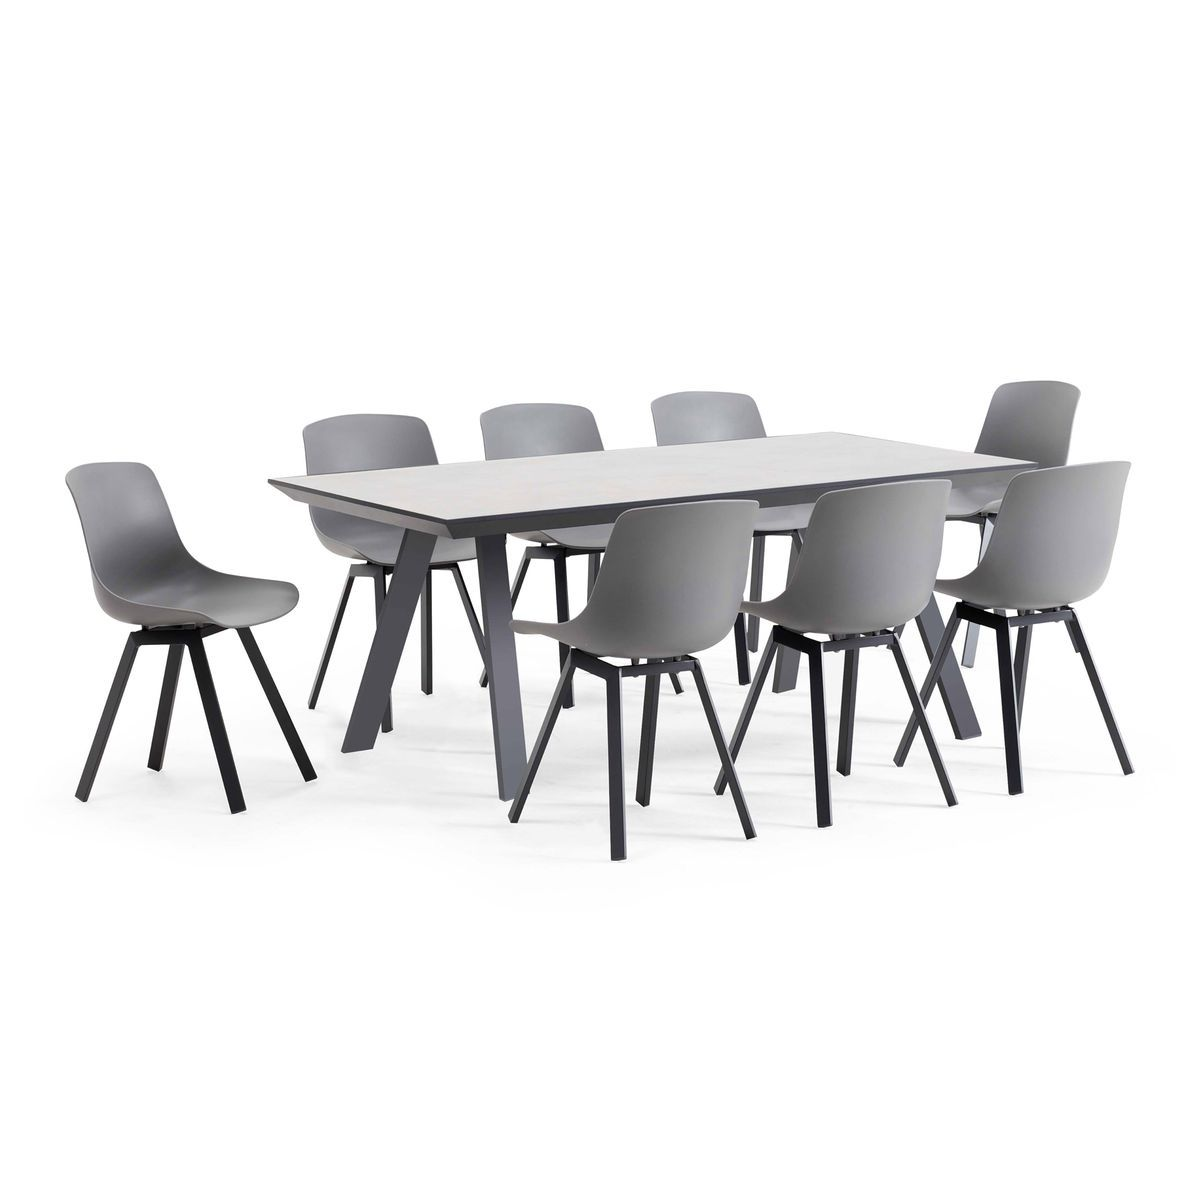 Salon De Jardin Scandinave 1 Table Plateau Ceramique 8 Chaises